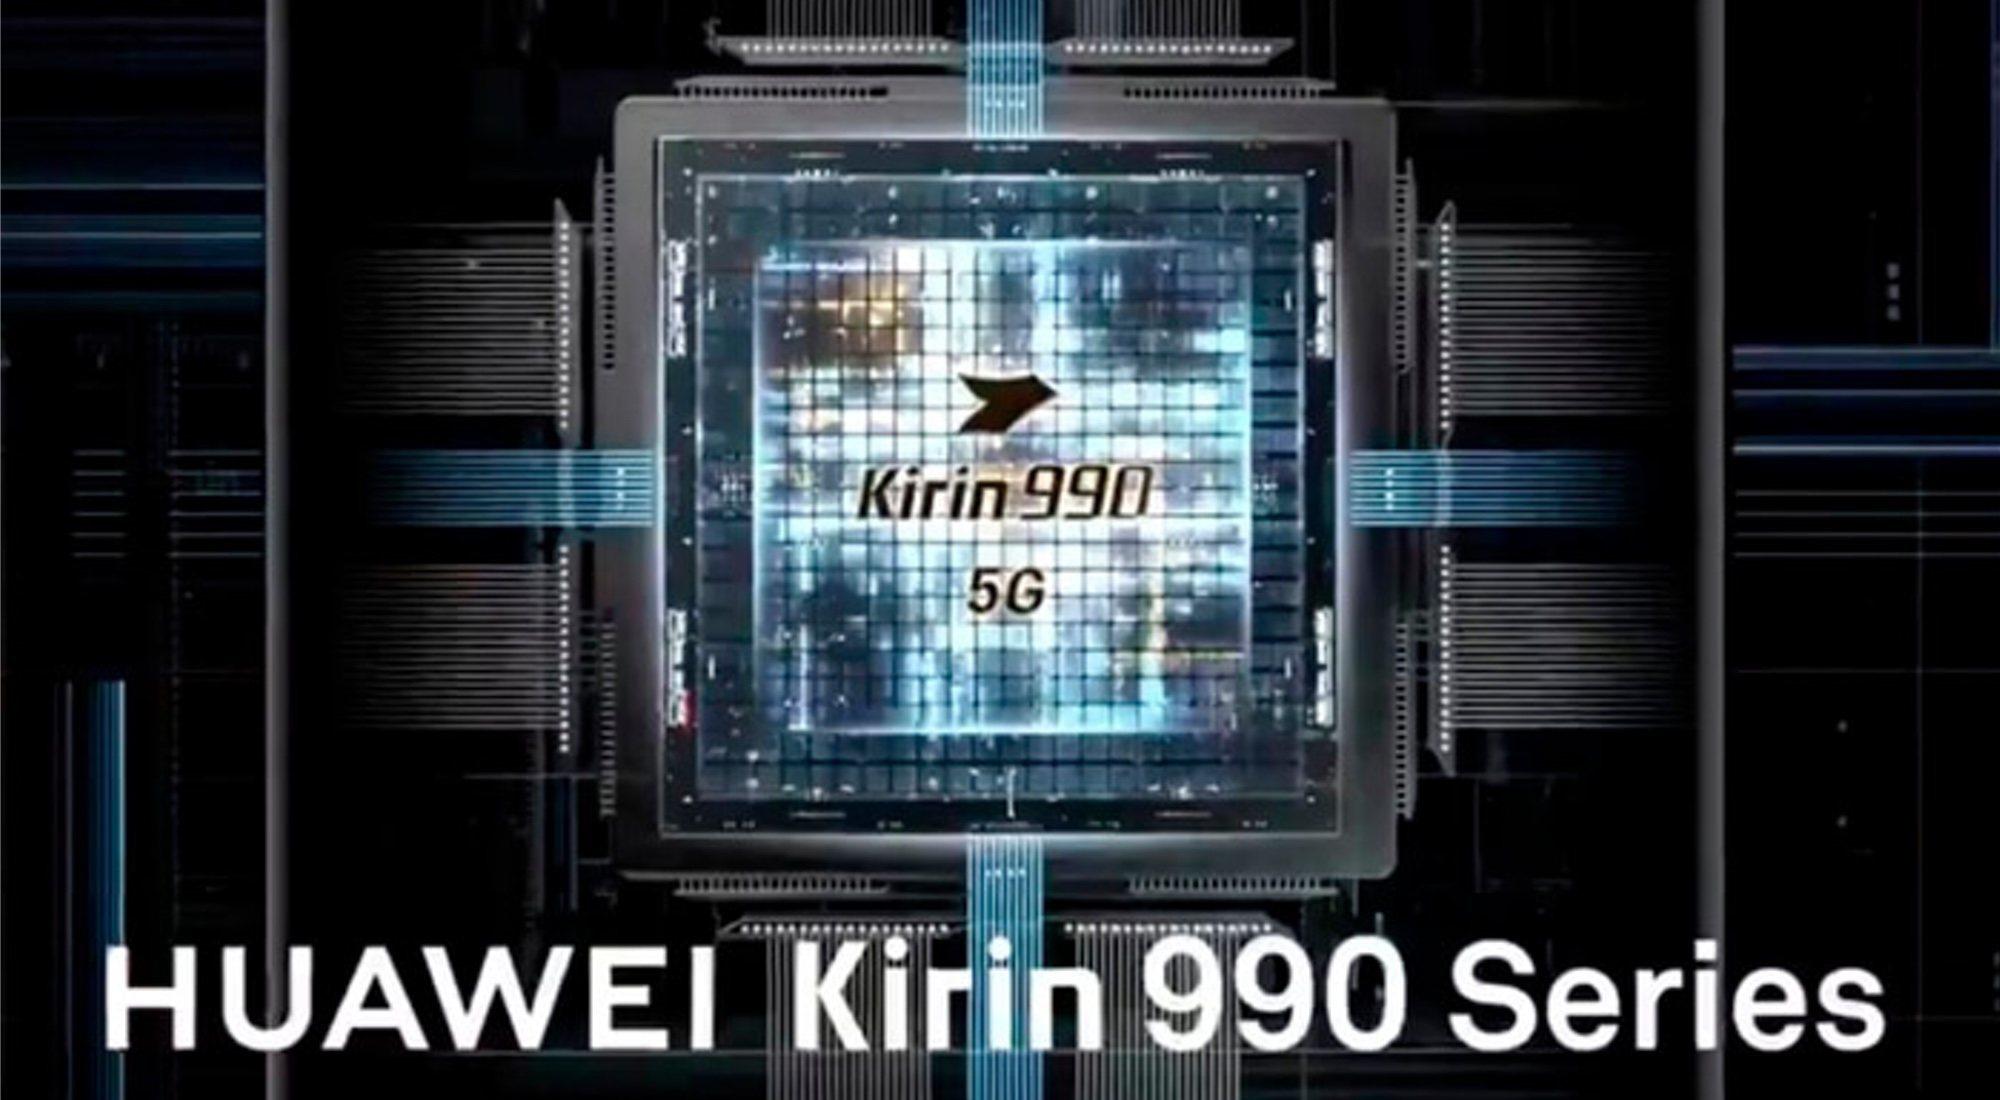 Kirin 990 ya es oficial: 5G y 7nm para el procesador definitivo de Huawei